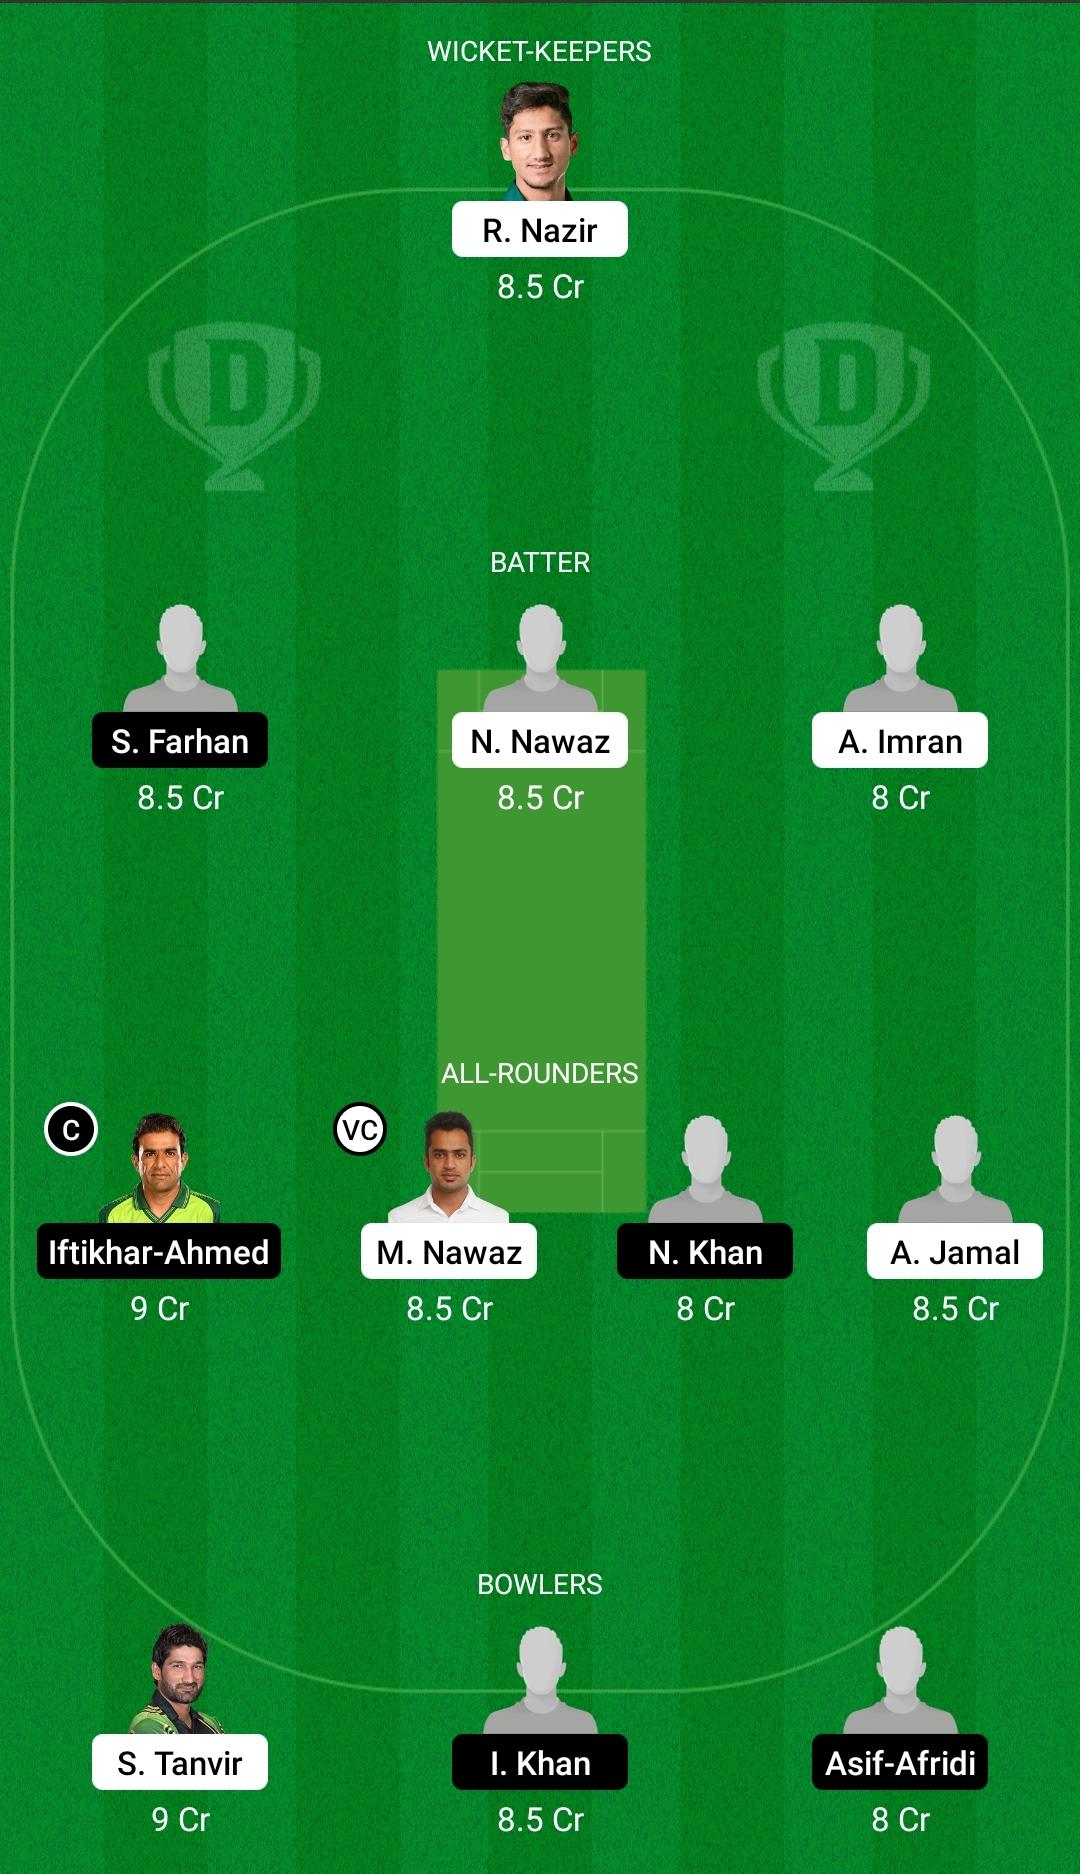 NOR बनाम KHP ड्रीम11 प्रेडिक्शन फैंटेसी क्रिकेट टिप्स ड्रीम11 टीम नेशनल टी20 कप